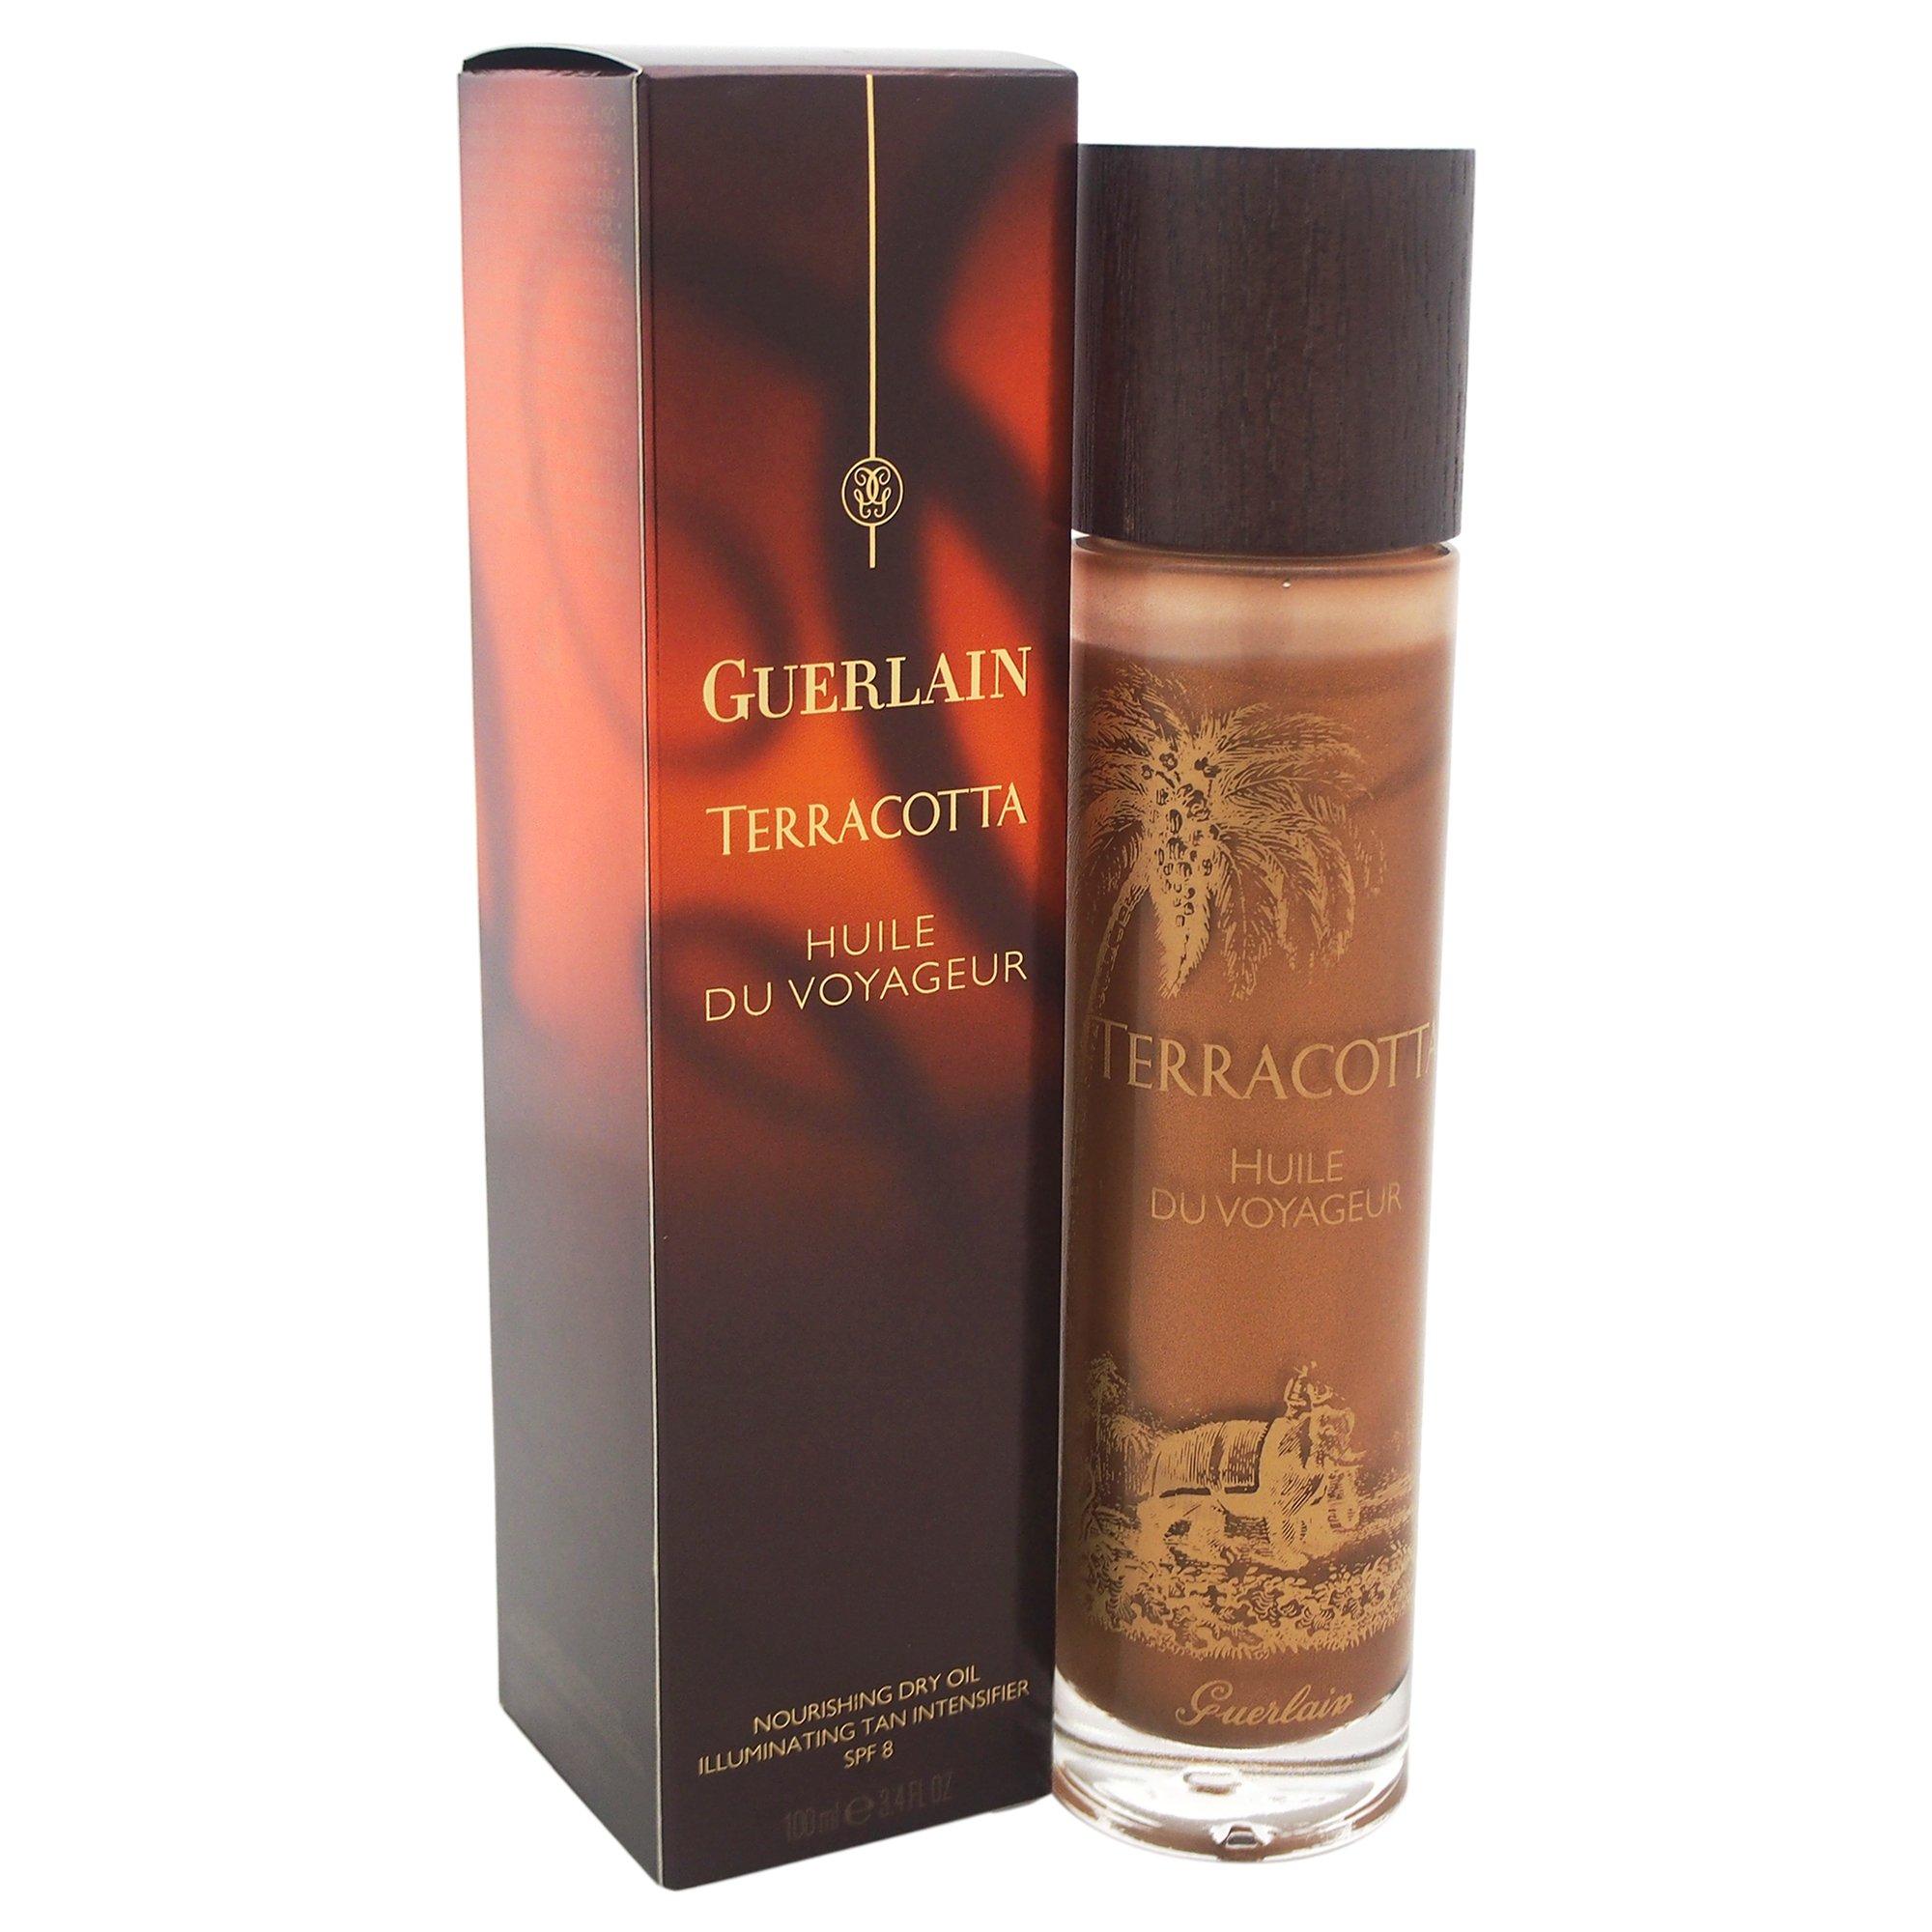 Guerlain Terracotta Huile De Voyageur Nourishing Dry Oil Illuminating Tan Intense SPF for Women, 3.4 ounce